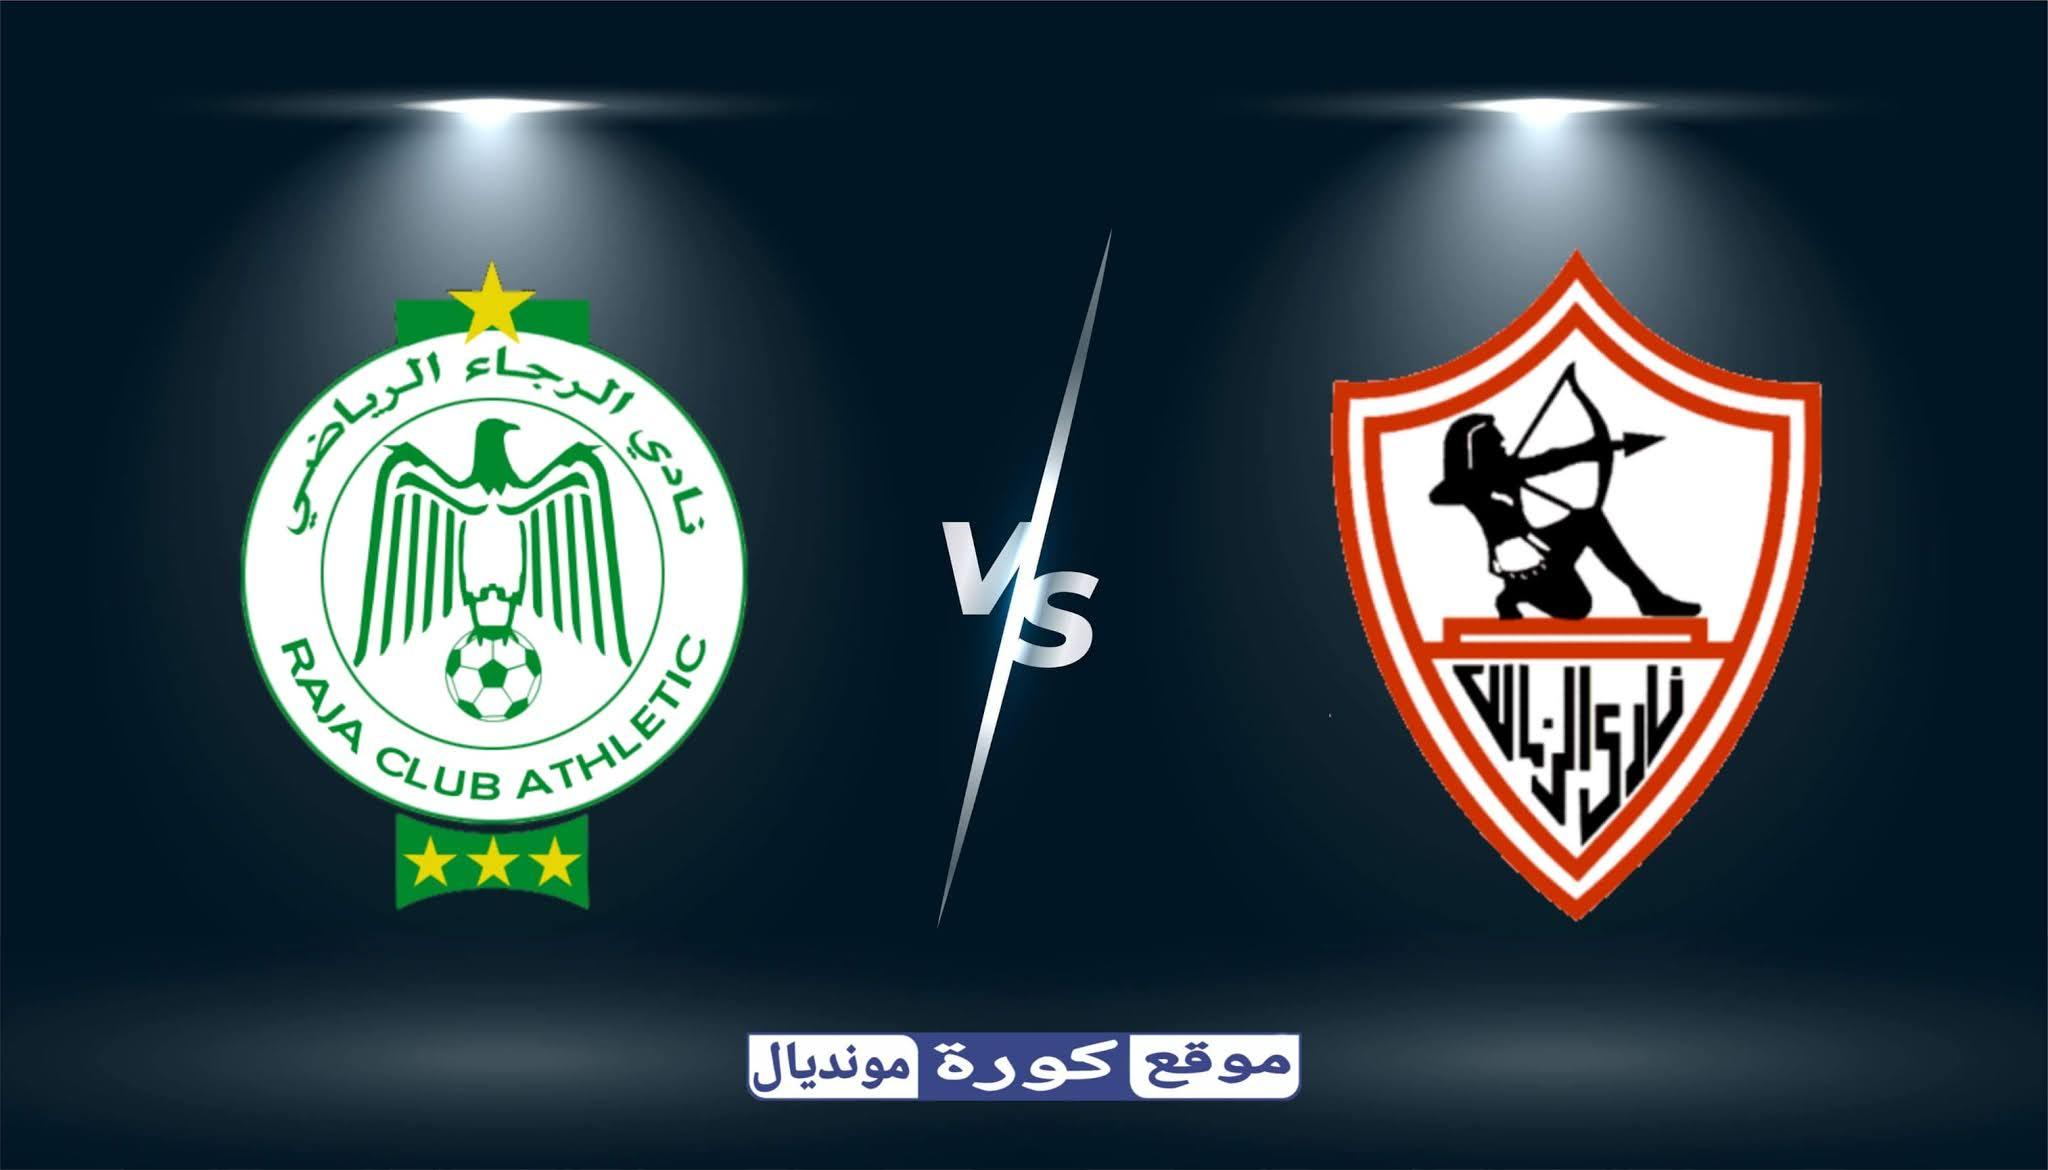 مشاهدة مباراة الزمالك و الرجاء البيضاوي بث مباشر اليوم 04-11-2020 في دوري أبطال إفريقيا